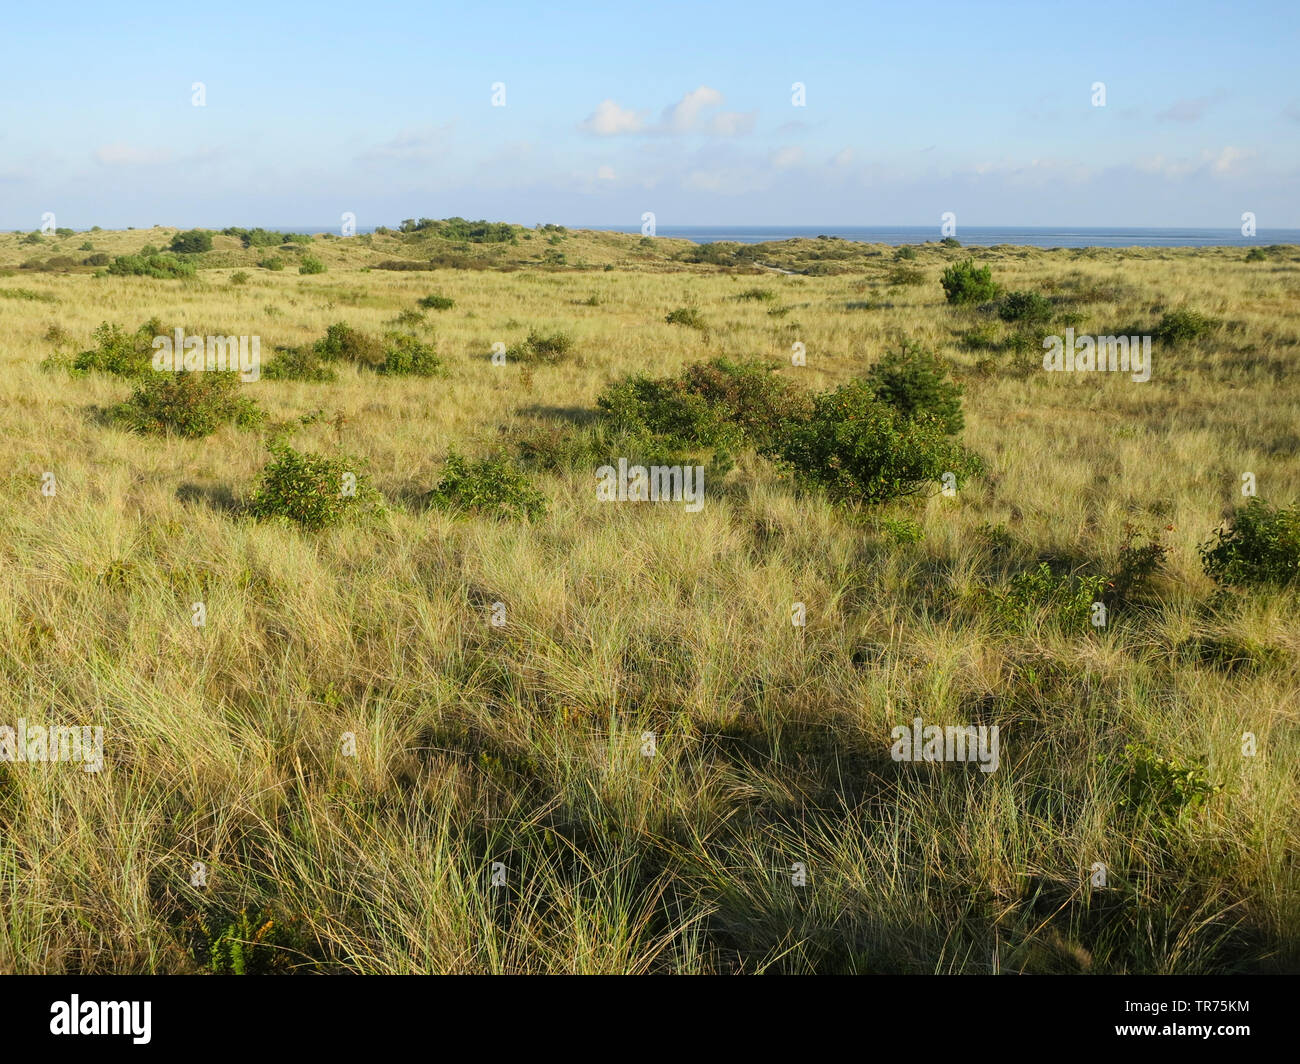 Duenen auf Vlieland, Niederlande, Friesland, Vlieland | dunes with scrubs, Netherlands, Frisia, Vlieland | BLWS498504.jpg [ (c) blickwinkel/AGAMI/M. G - Stock Image